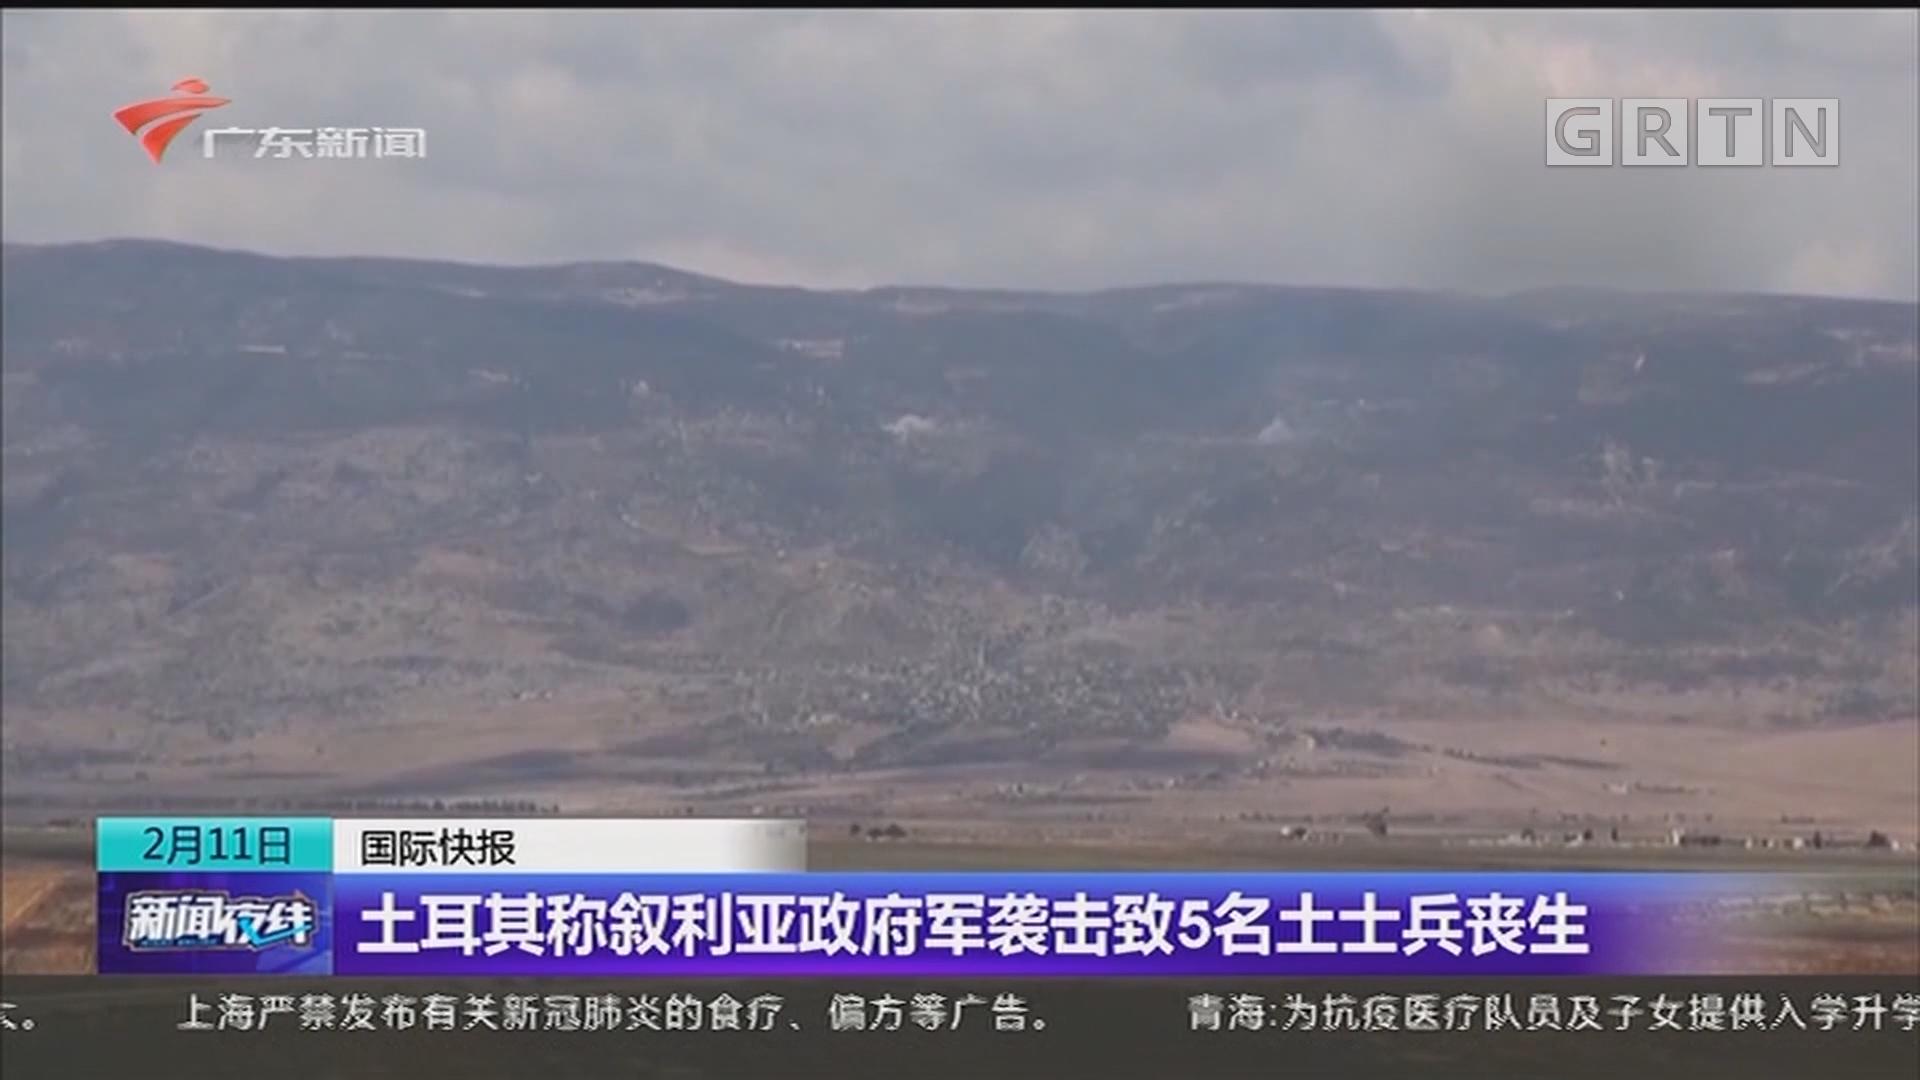 土耳其称叙利亚政府军袭击致5名土士兵丧生